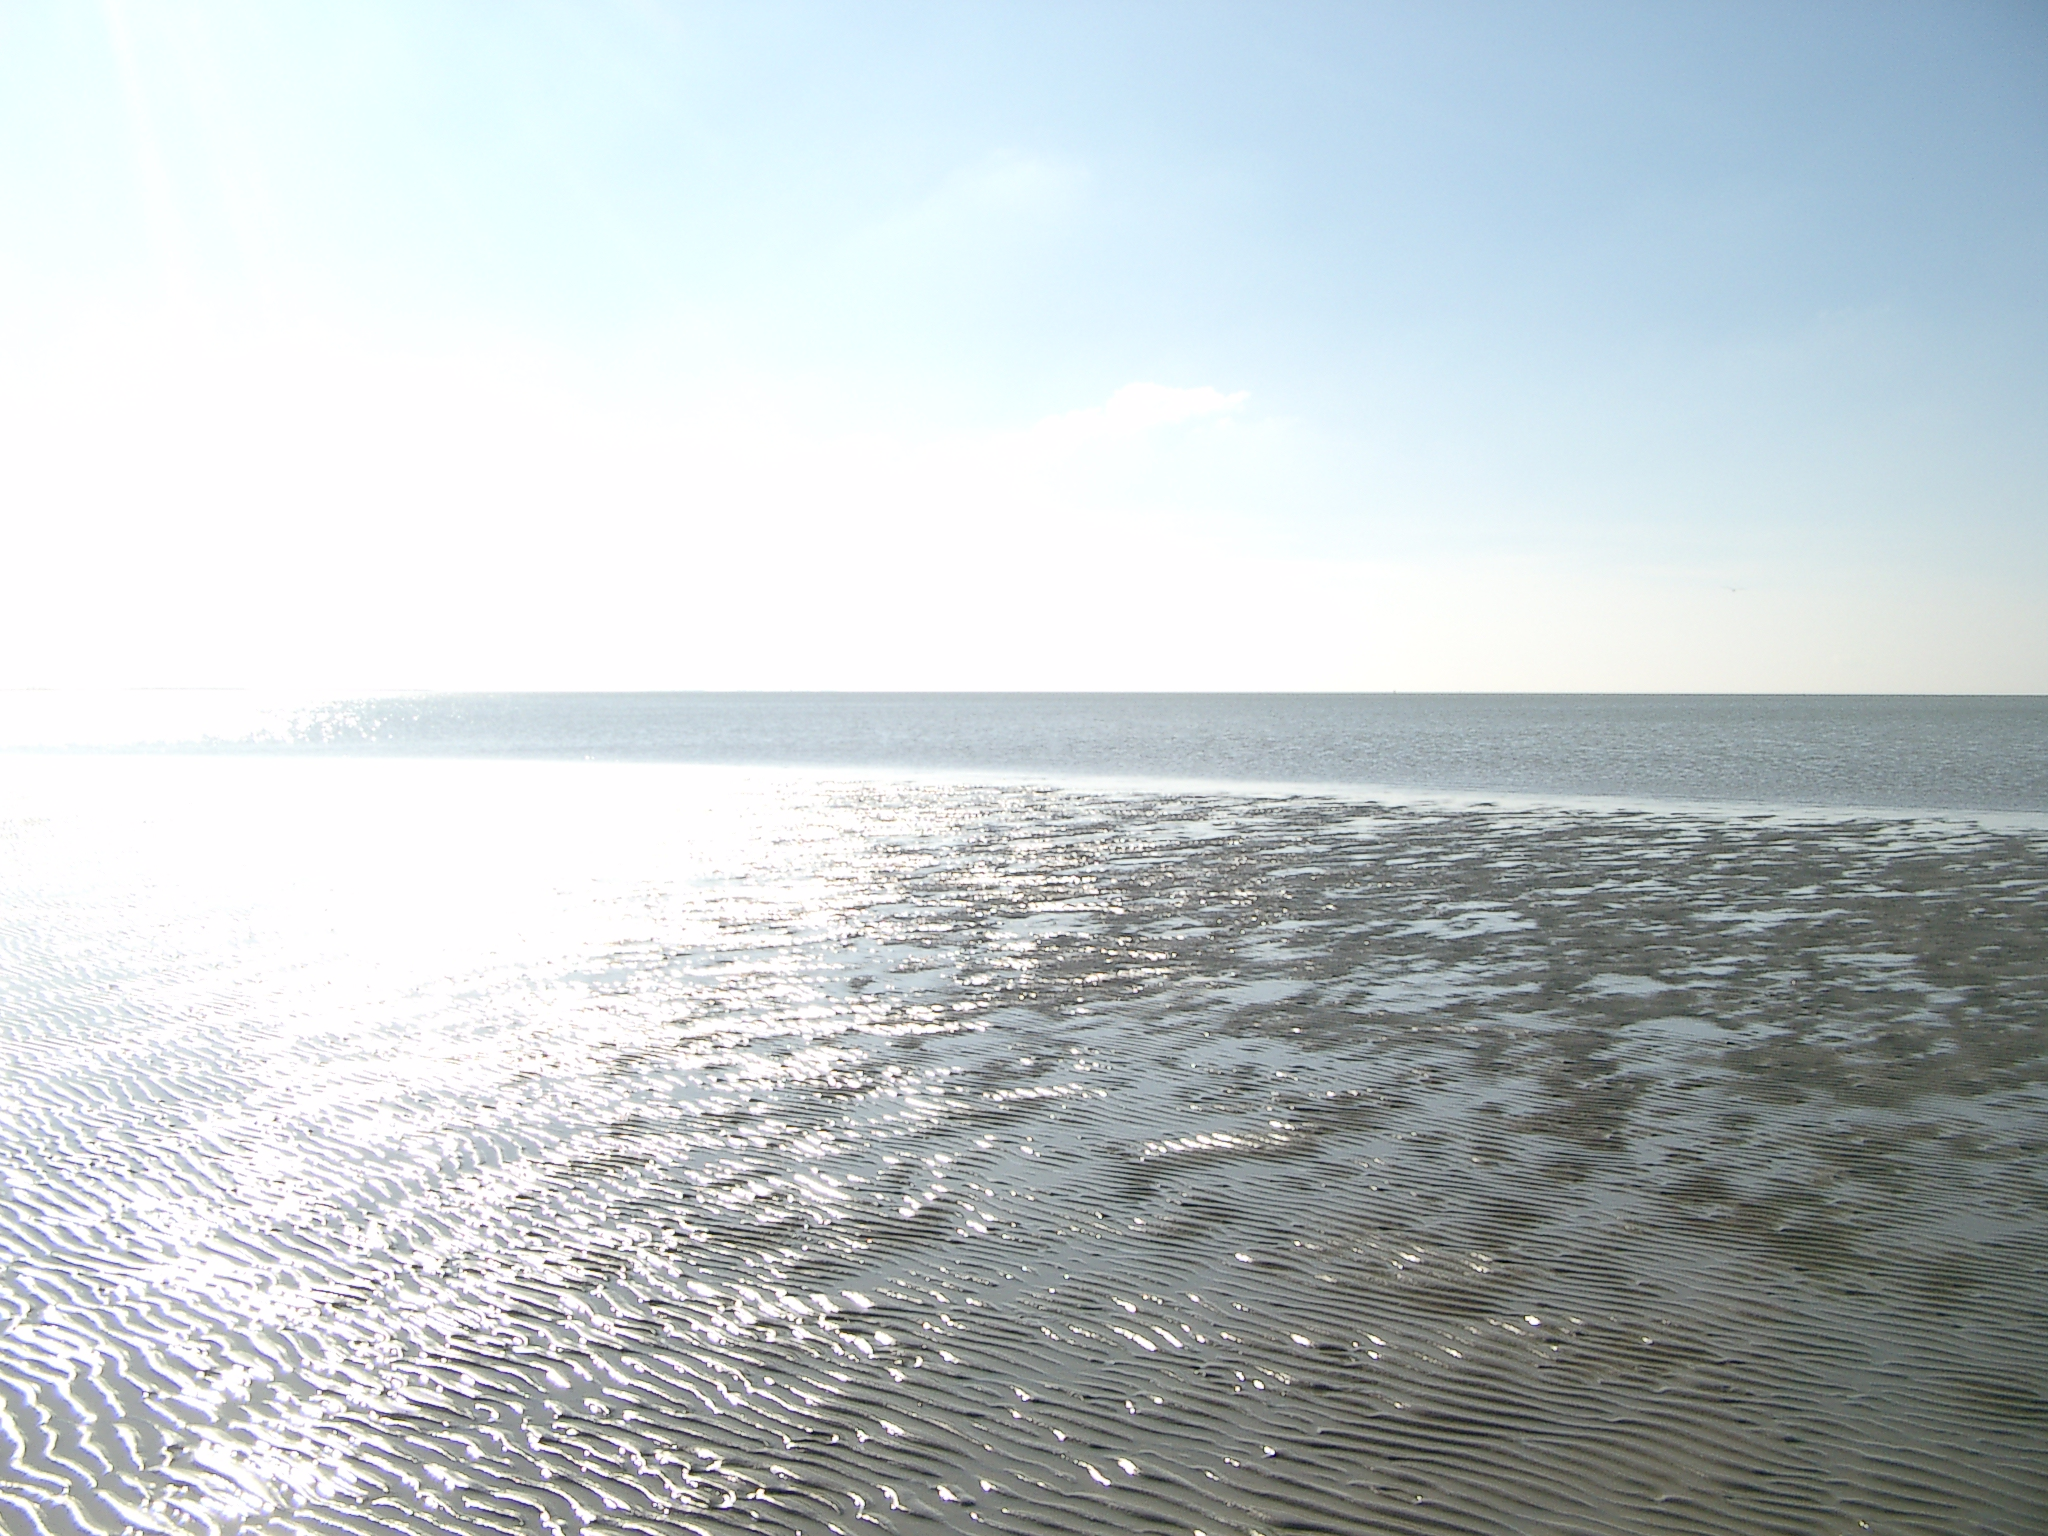 น้ำลดค่ะ จะเห็นทรายเป็นริ้วๆ ตรงนี้เดินได้นะคะ ทรายไม่ยวบลง ทรายแน่นเชียวค่ะ ว่ากันว่า บางฤดู สามารถเดินไปถึงเกาะได้เลยค่ะ (แต่ต้องเดินกับผู้เชี่ยวชาญเท่านั้นนะคะ มีจัดเป็นกิจกรรมทุกปีค่ะ)